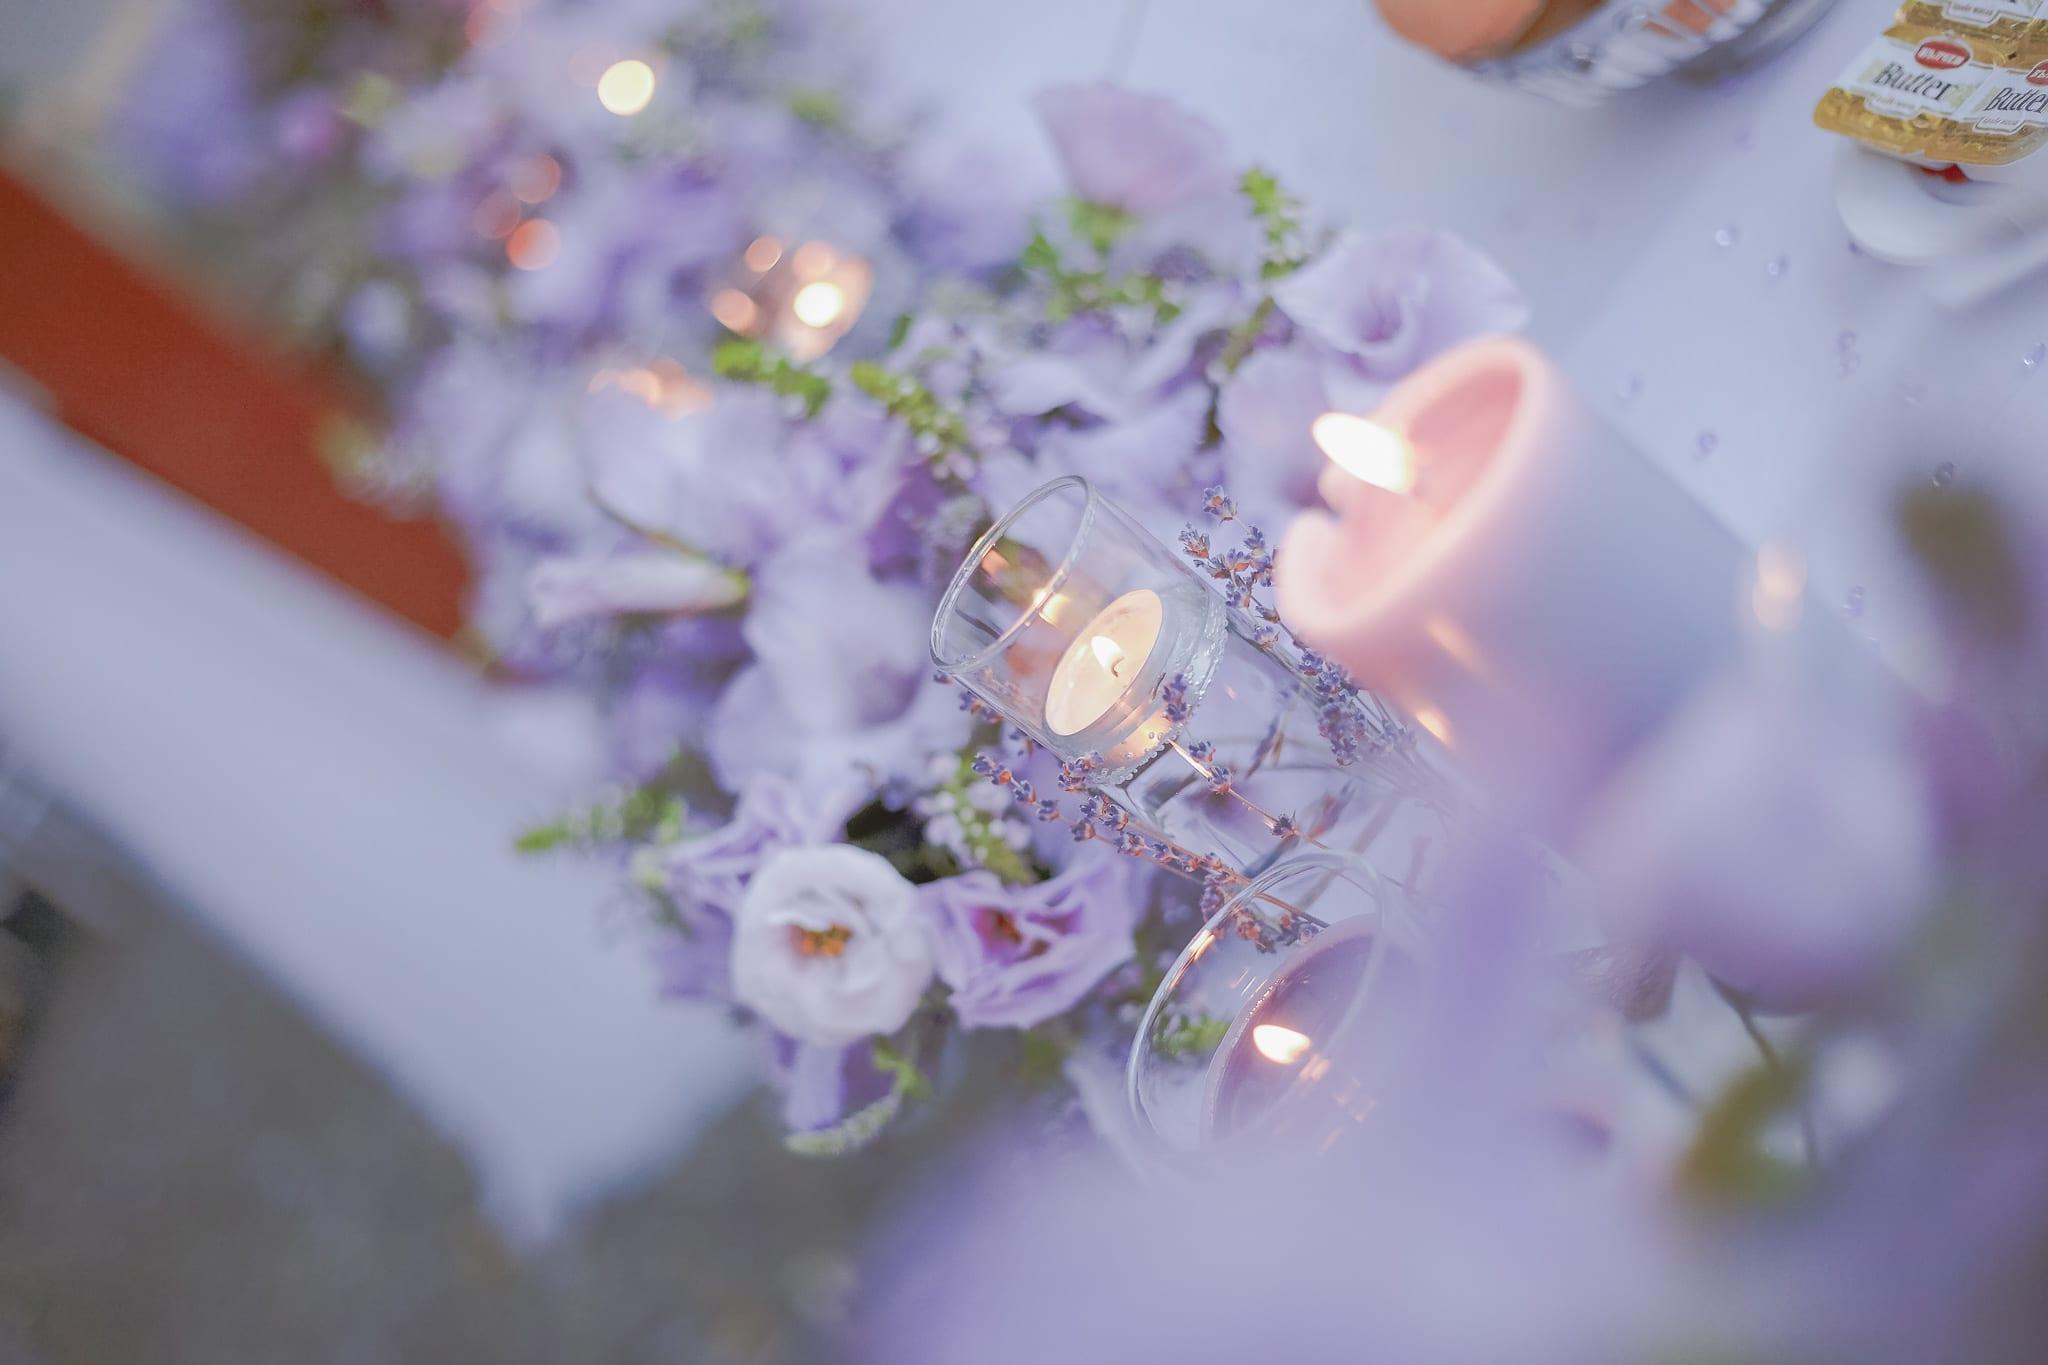 сватба в прованс френски стил, сватбени свещи, декорация на сватбена агенция Приказен ден, сватбен агент Мариела Уилсън